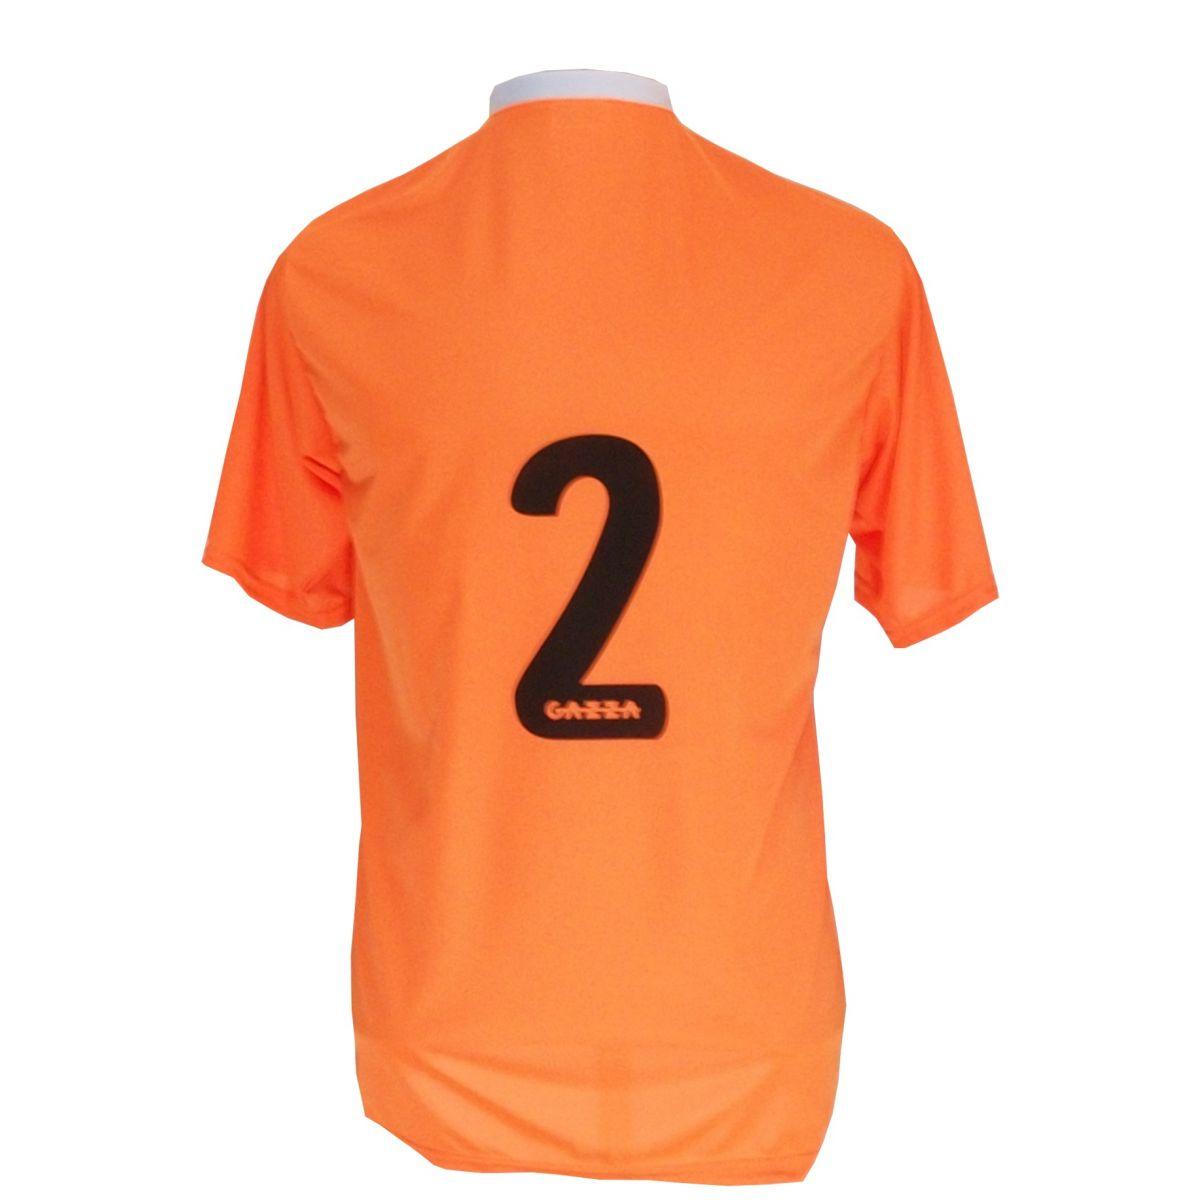 Uniforme Esportivo Completo modelo PSG 14+1 (14 camisas Laranja/Preto/Branco + 14 calções Madrid Preto + 14 pares de meiões Brancos + 1 conjunto de goleiro) + Brindes